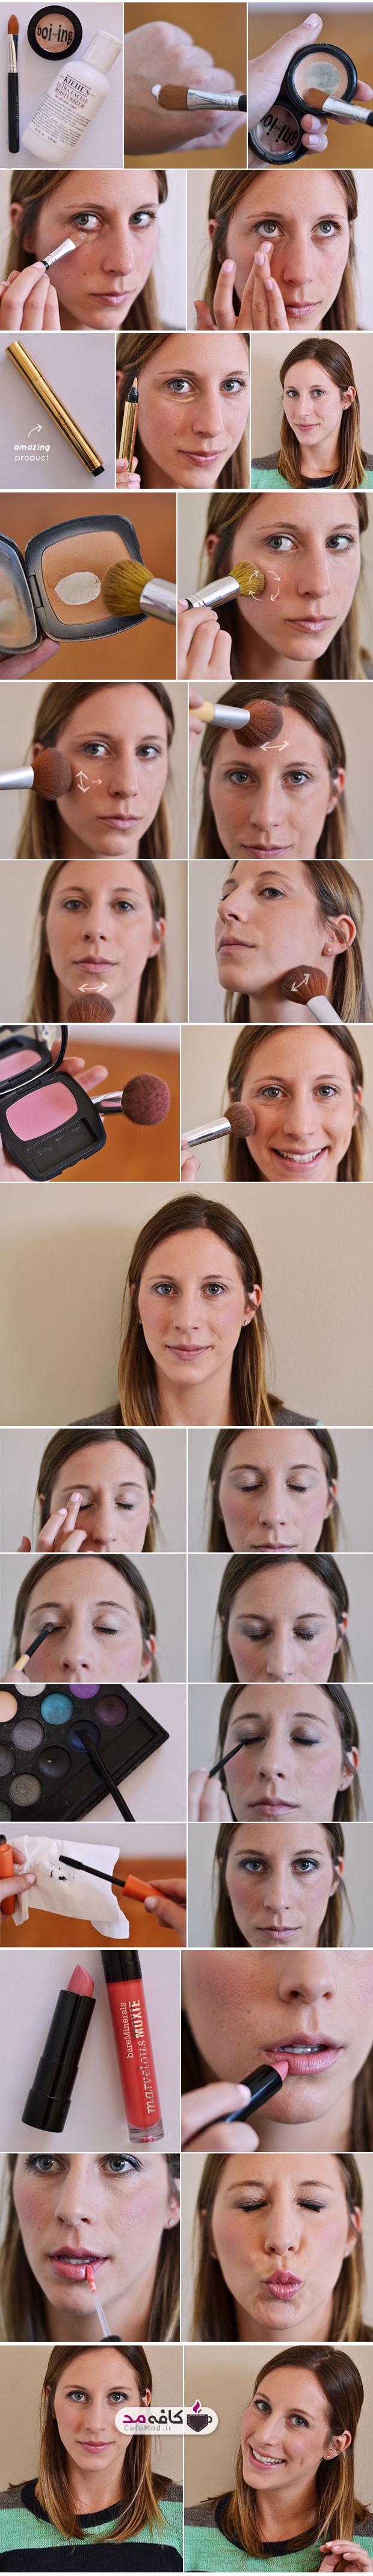 آموزش گام به گام و کامل آرایش صورت